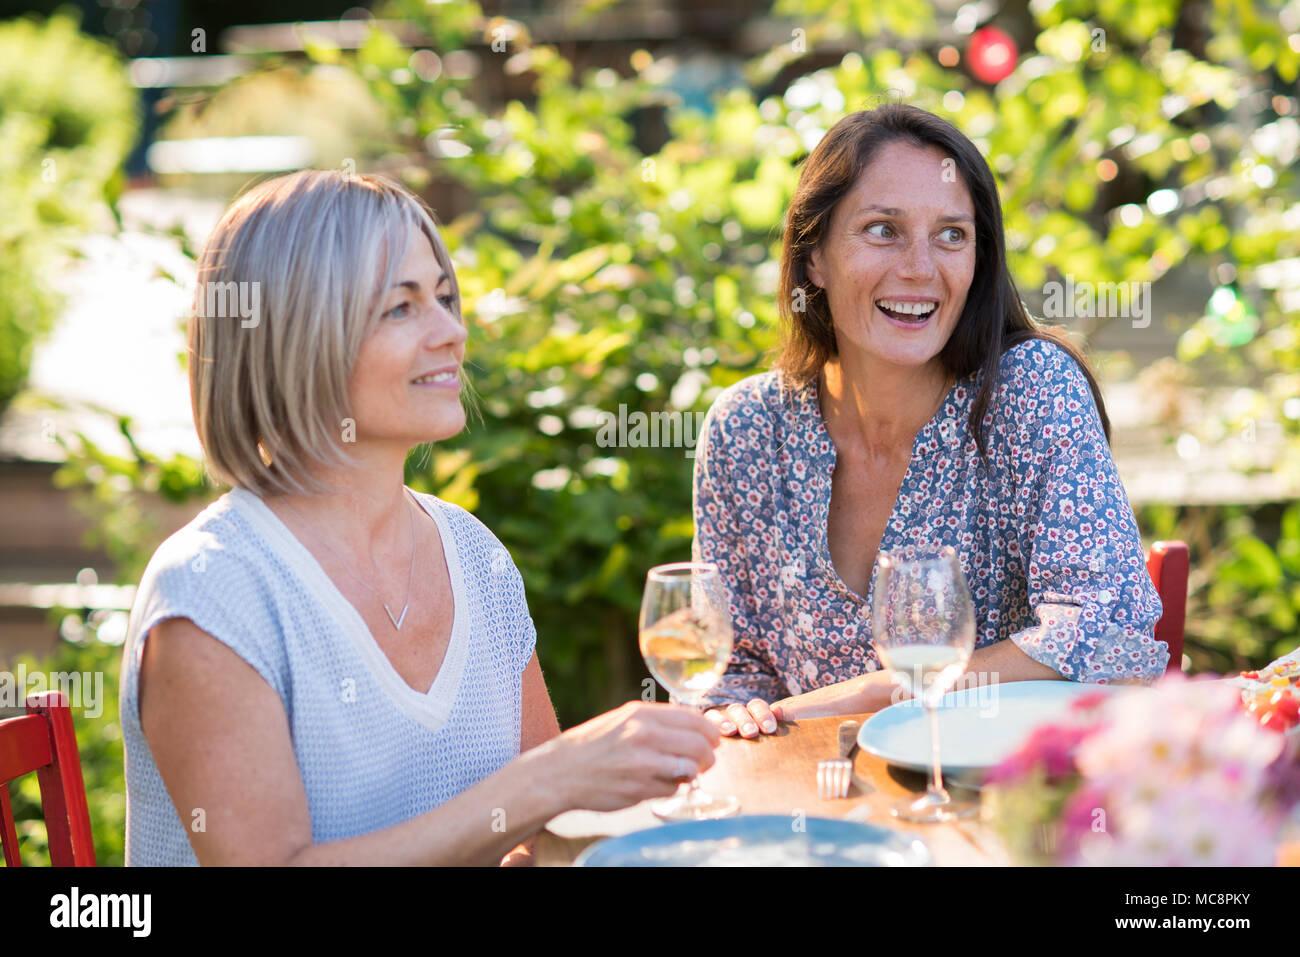 Portrait von zwei schönen Frauen in den Vierzigern, eine Brünette und eine Blondine. Sie teilen sich eine Terrasse im Garten mit Freunden Stockbild